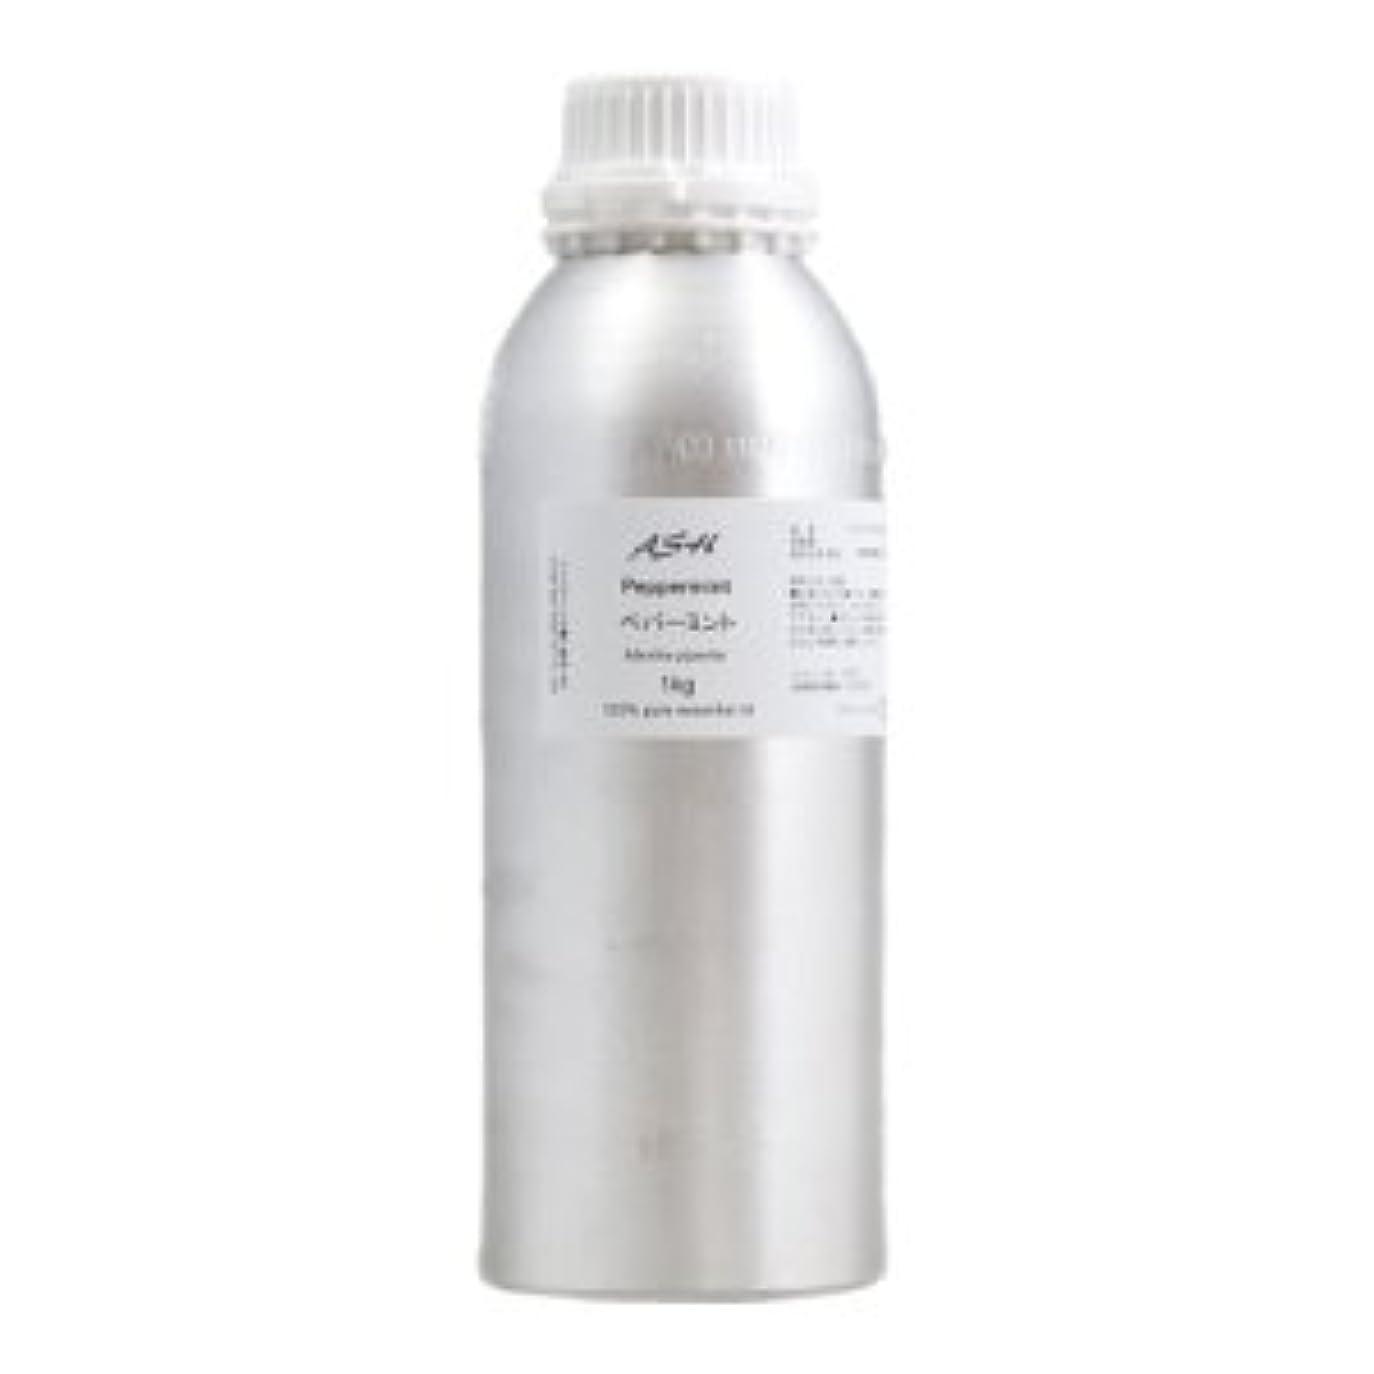 流思い出吸収剤ASH ペパーミント エッセンシャルオイル 業務用1kg AEAJ表示基準適合認定精油